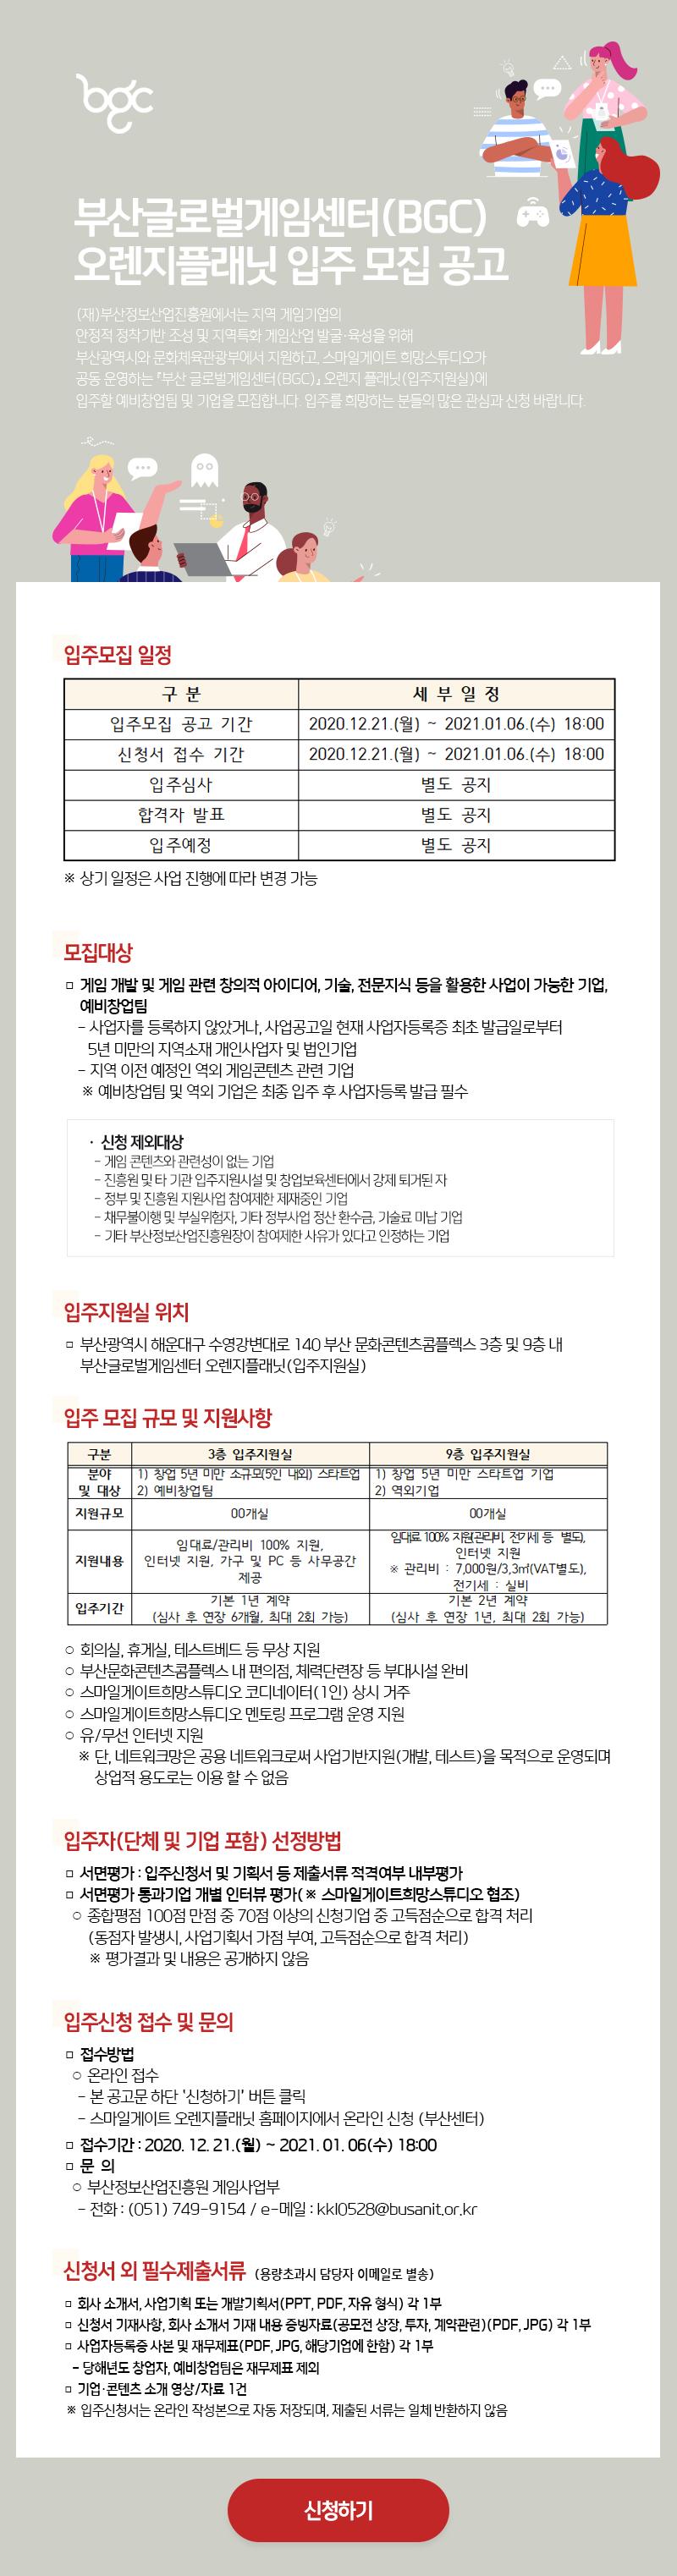 부산글로벌게임센터(BGC) 오렌지플래닛 입주 모집 공고